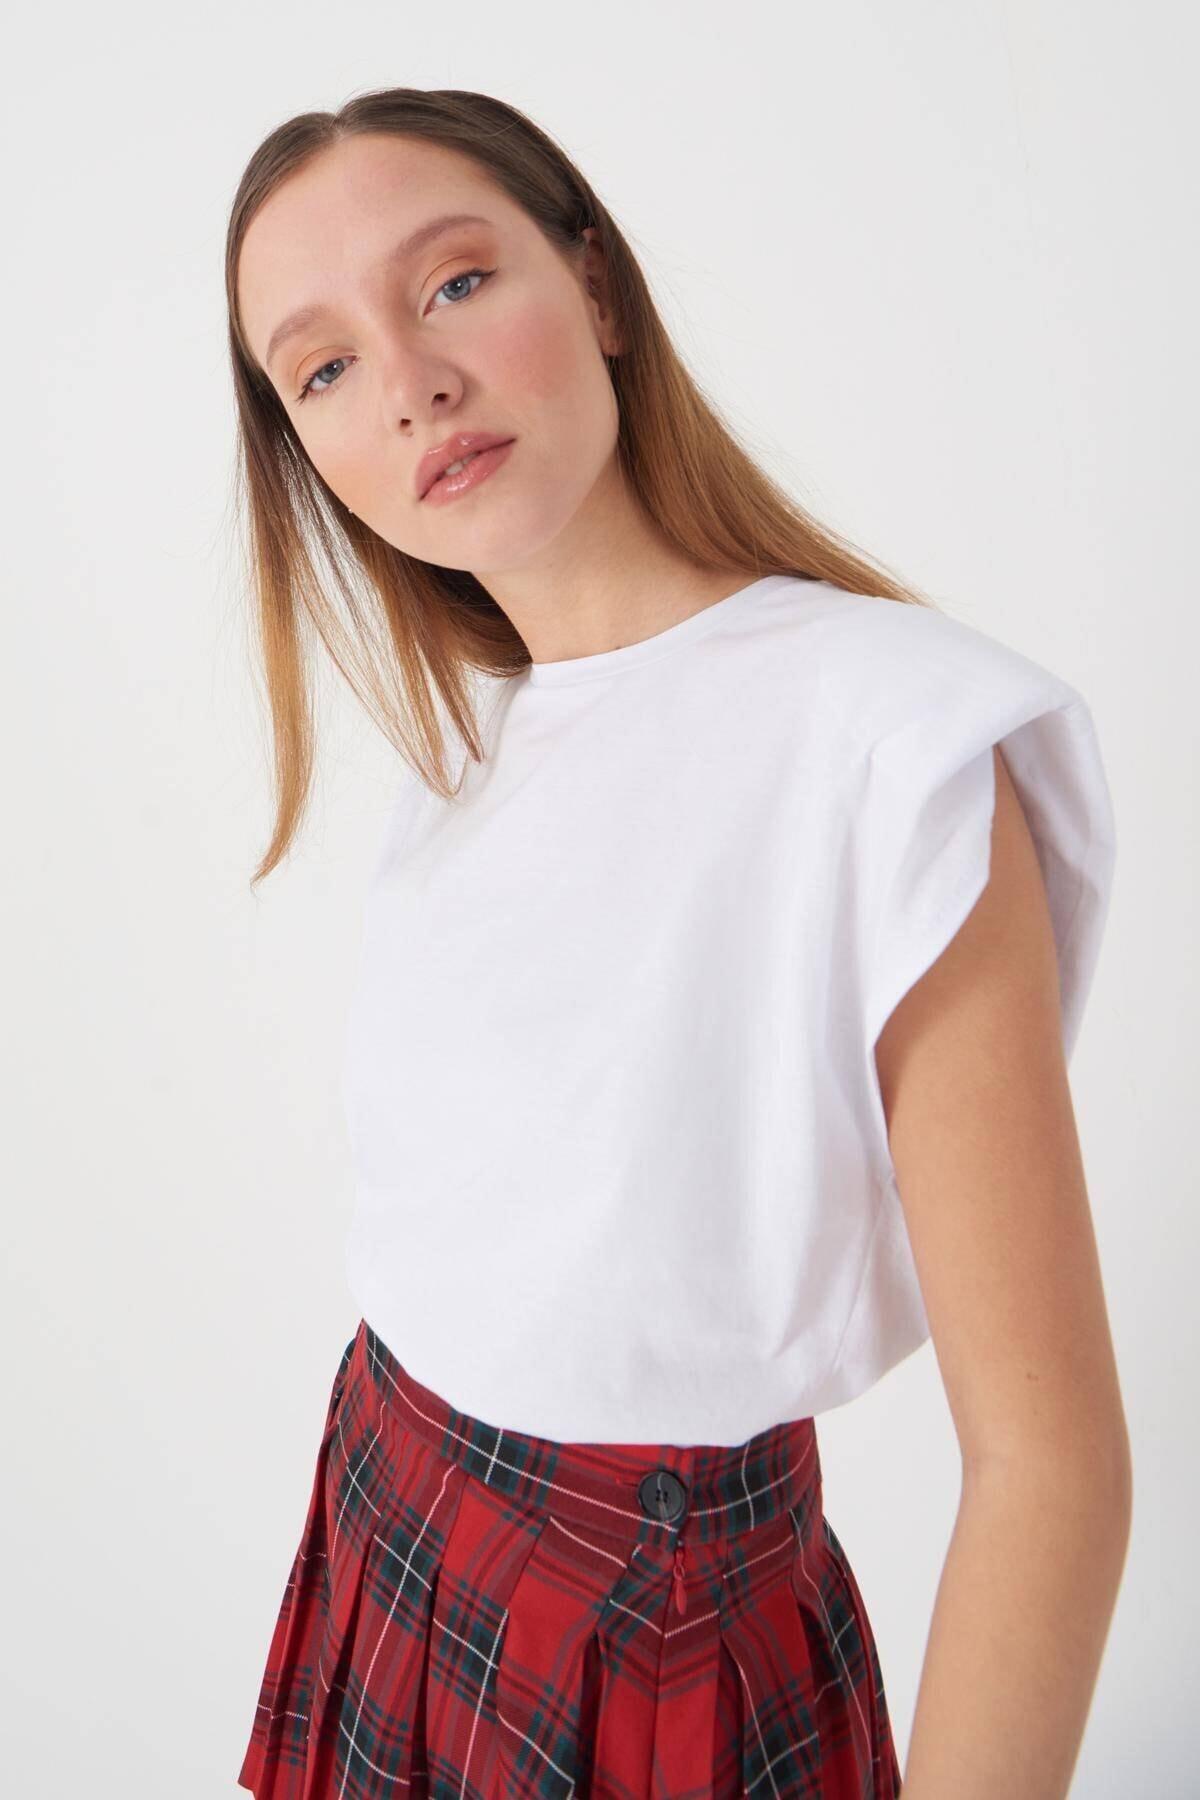 Addax Kadın Beyaz Vatkalı T-Shirt P18802 - F5 Adx-0000022431 0